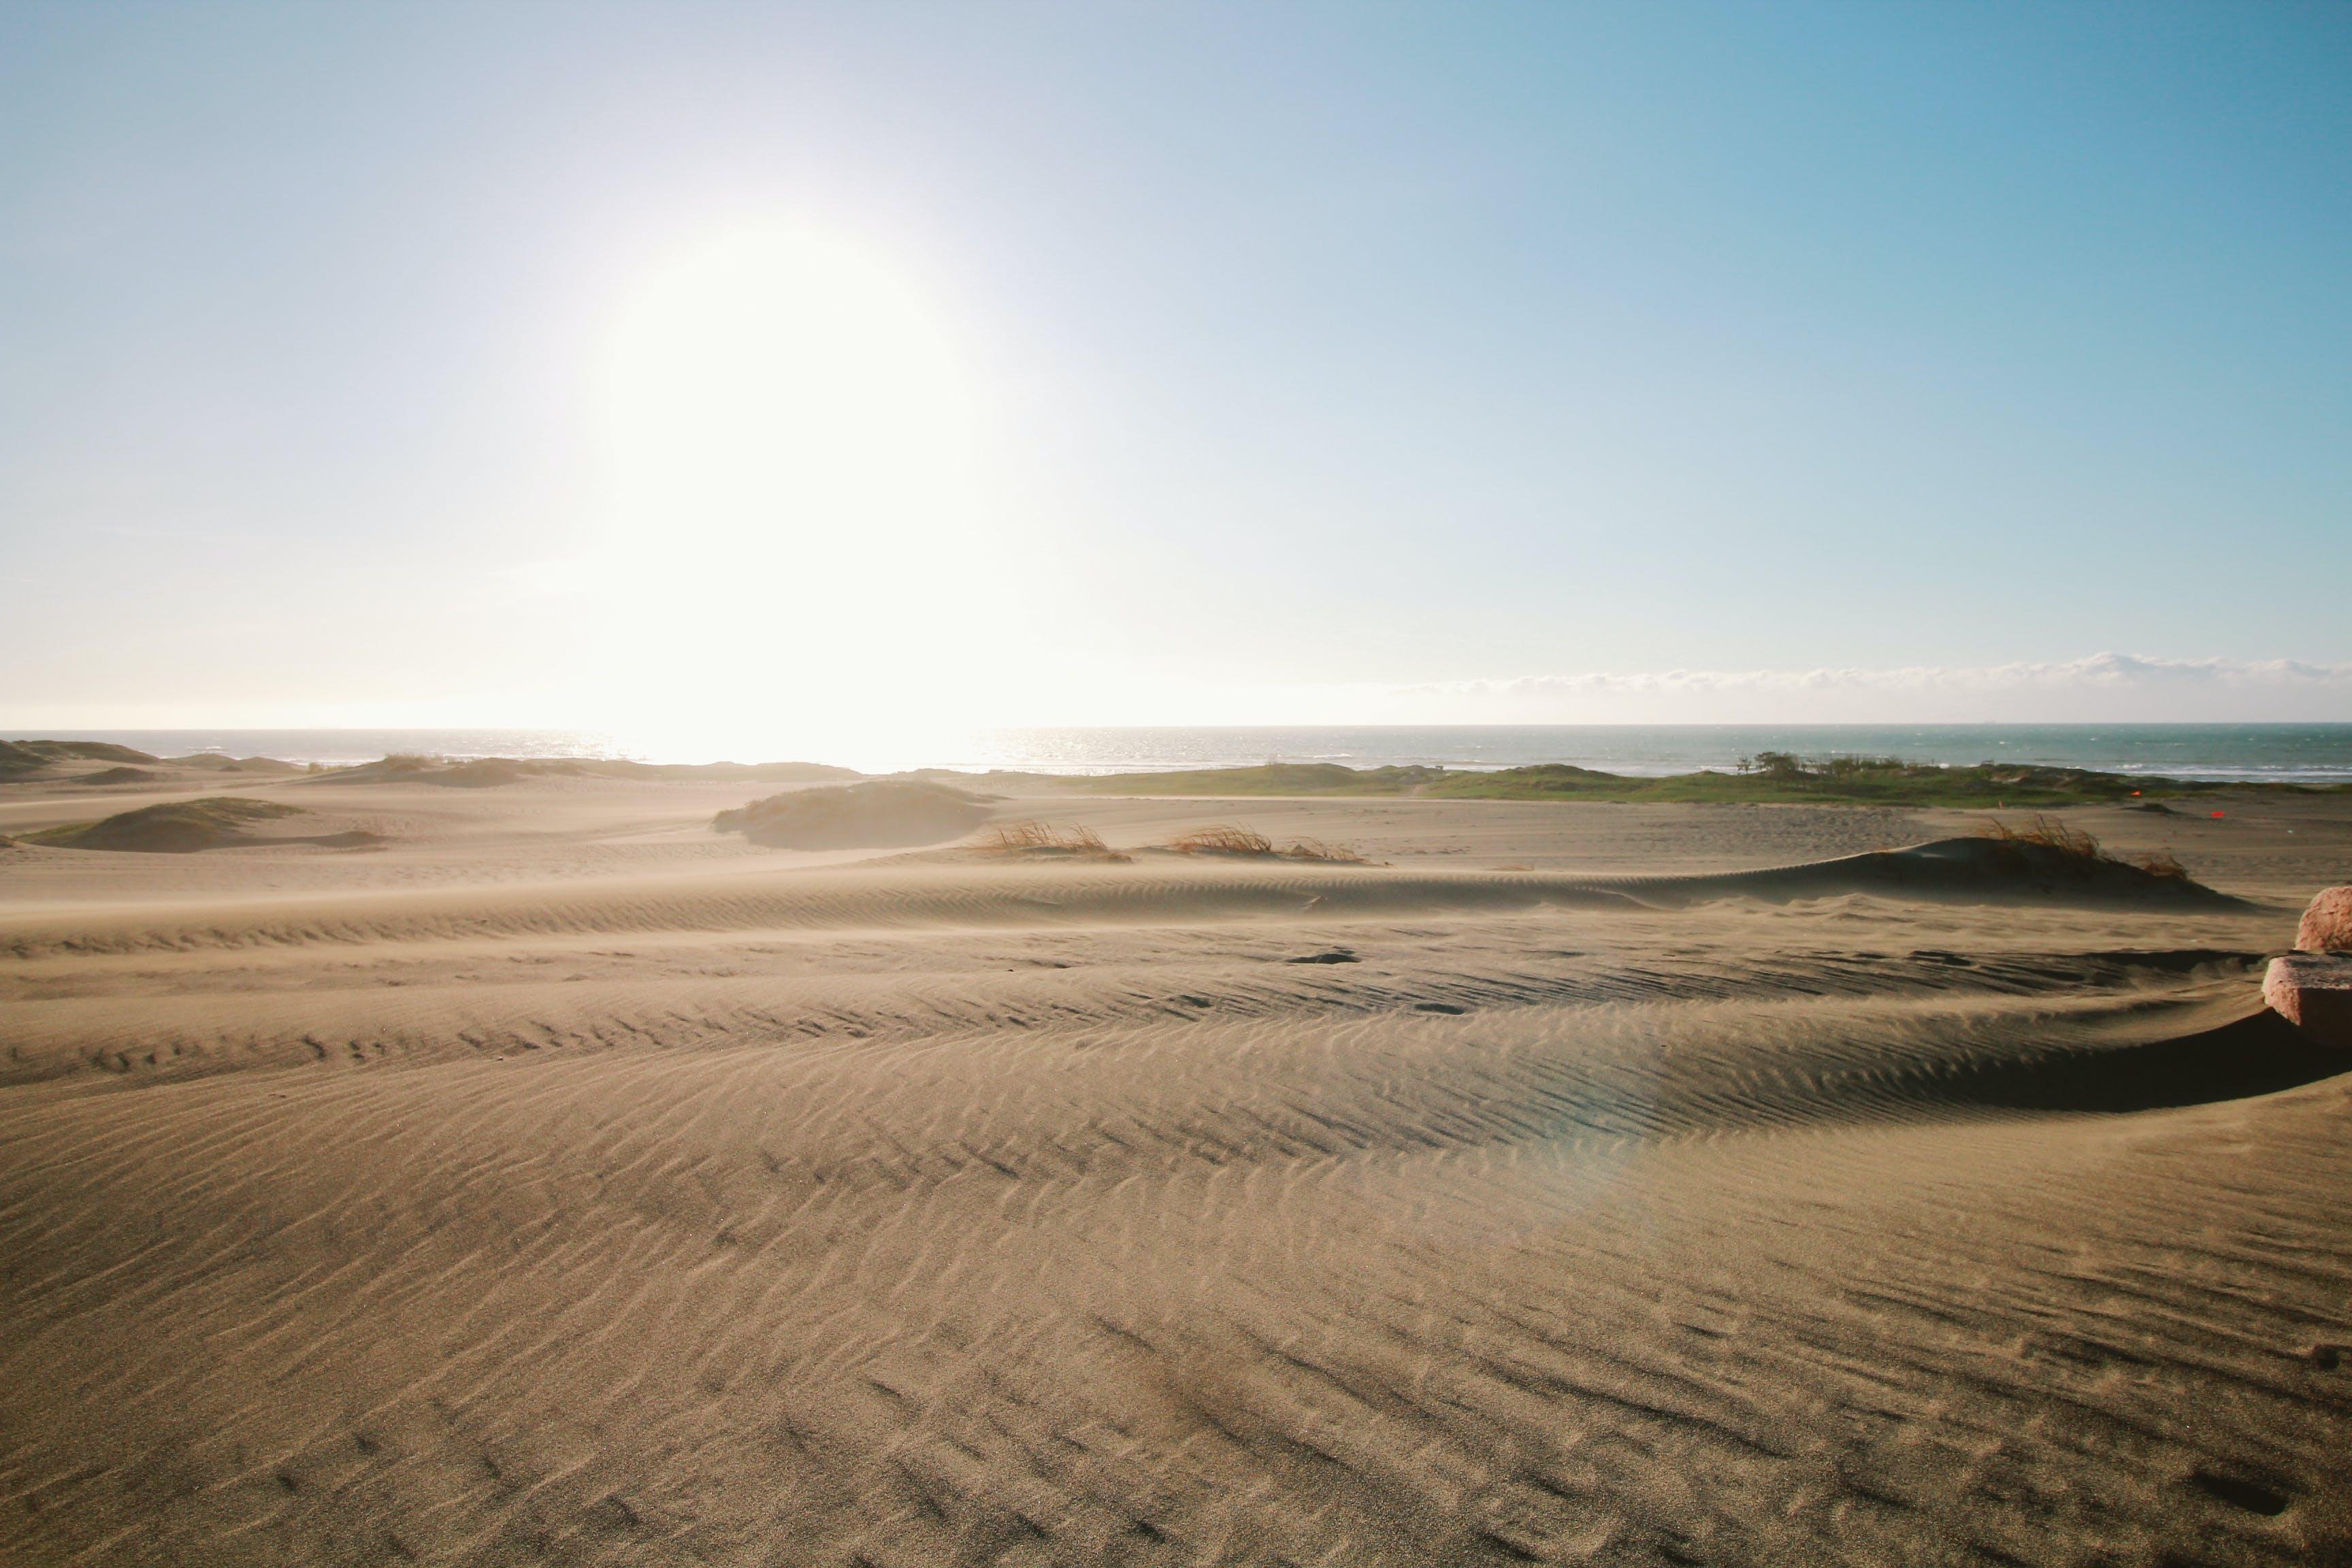 về bầu trời, biển, bờ biển, các đụn cát